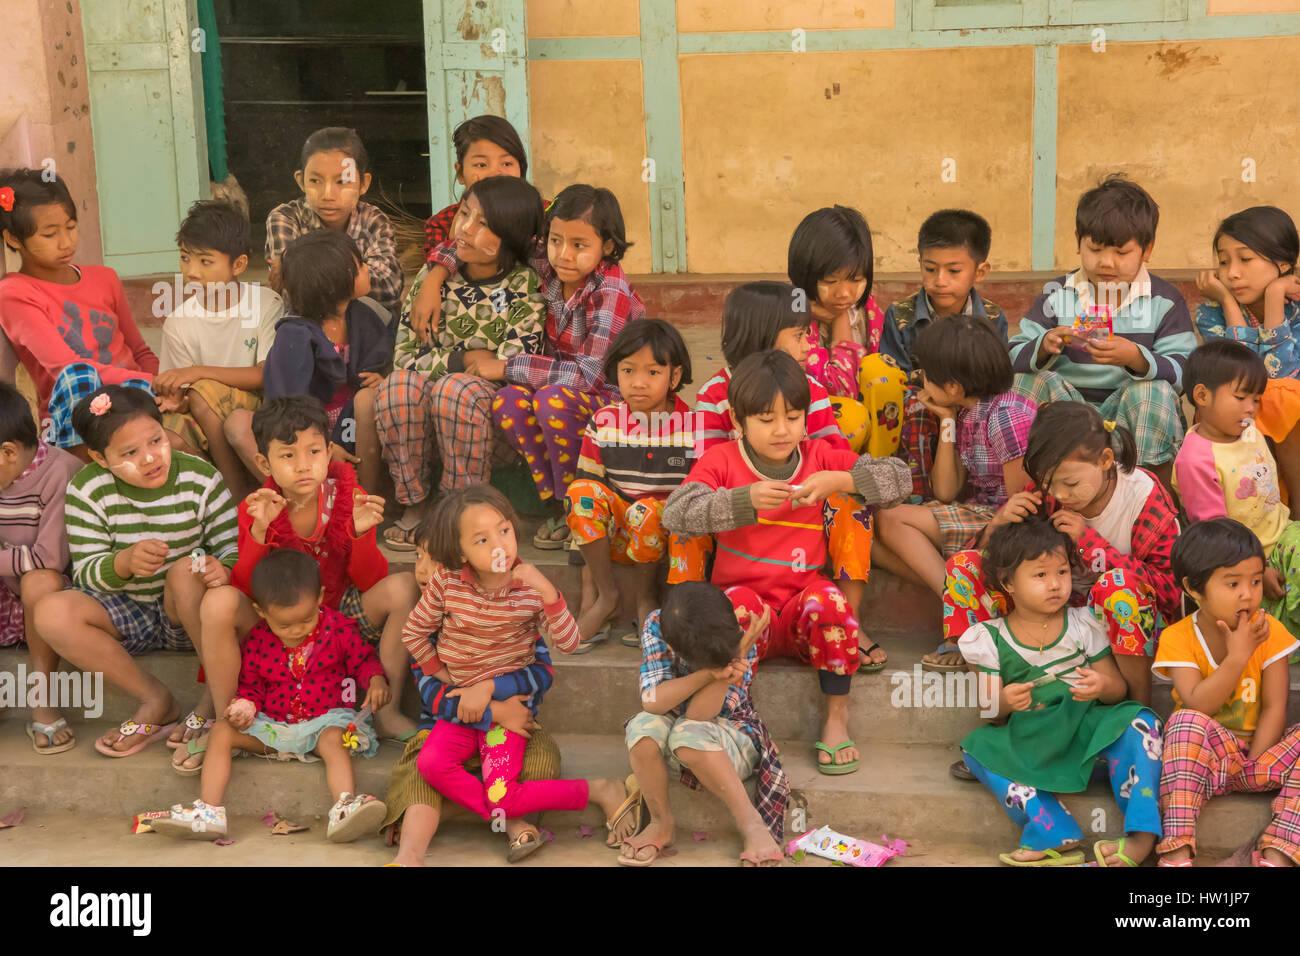 School Children in Yandabo, Myanmar - Stock Image